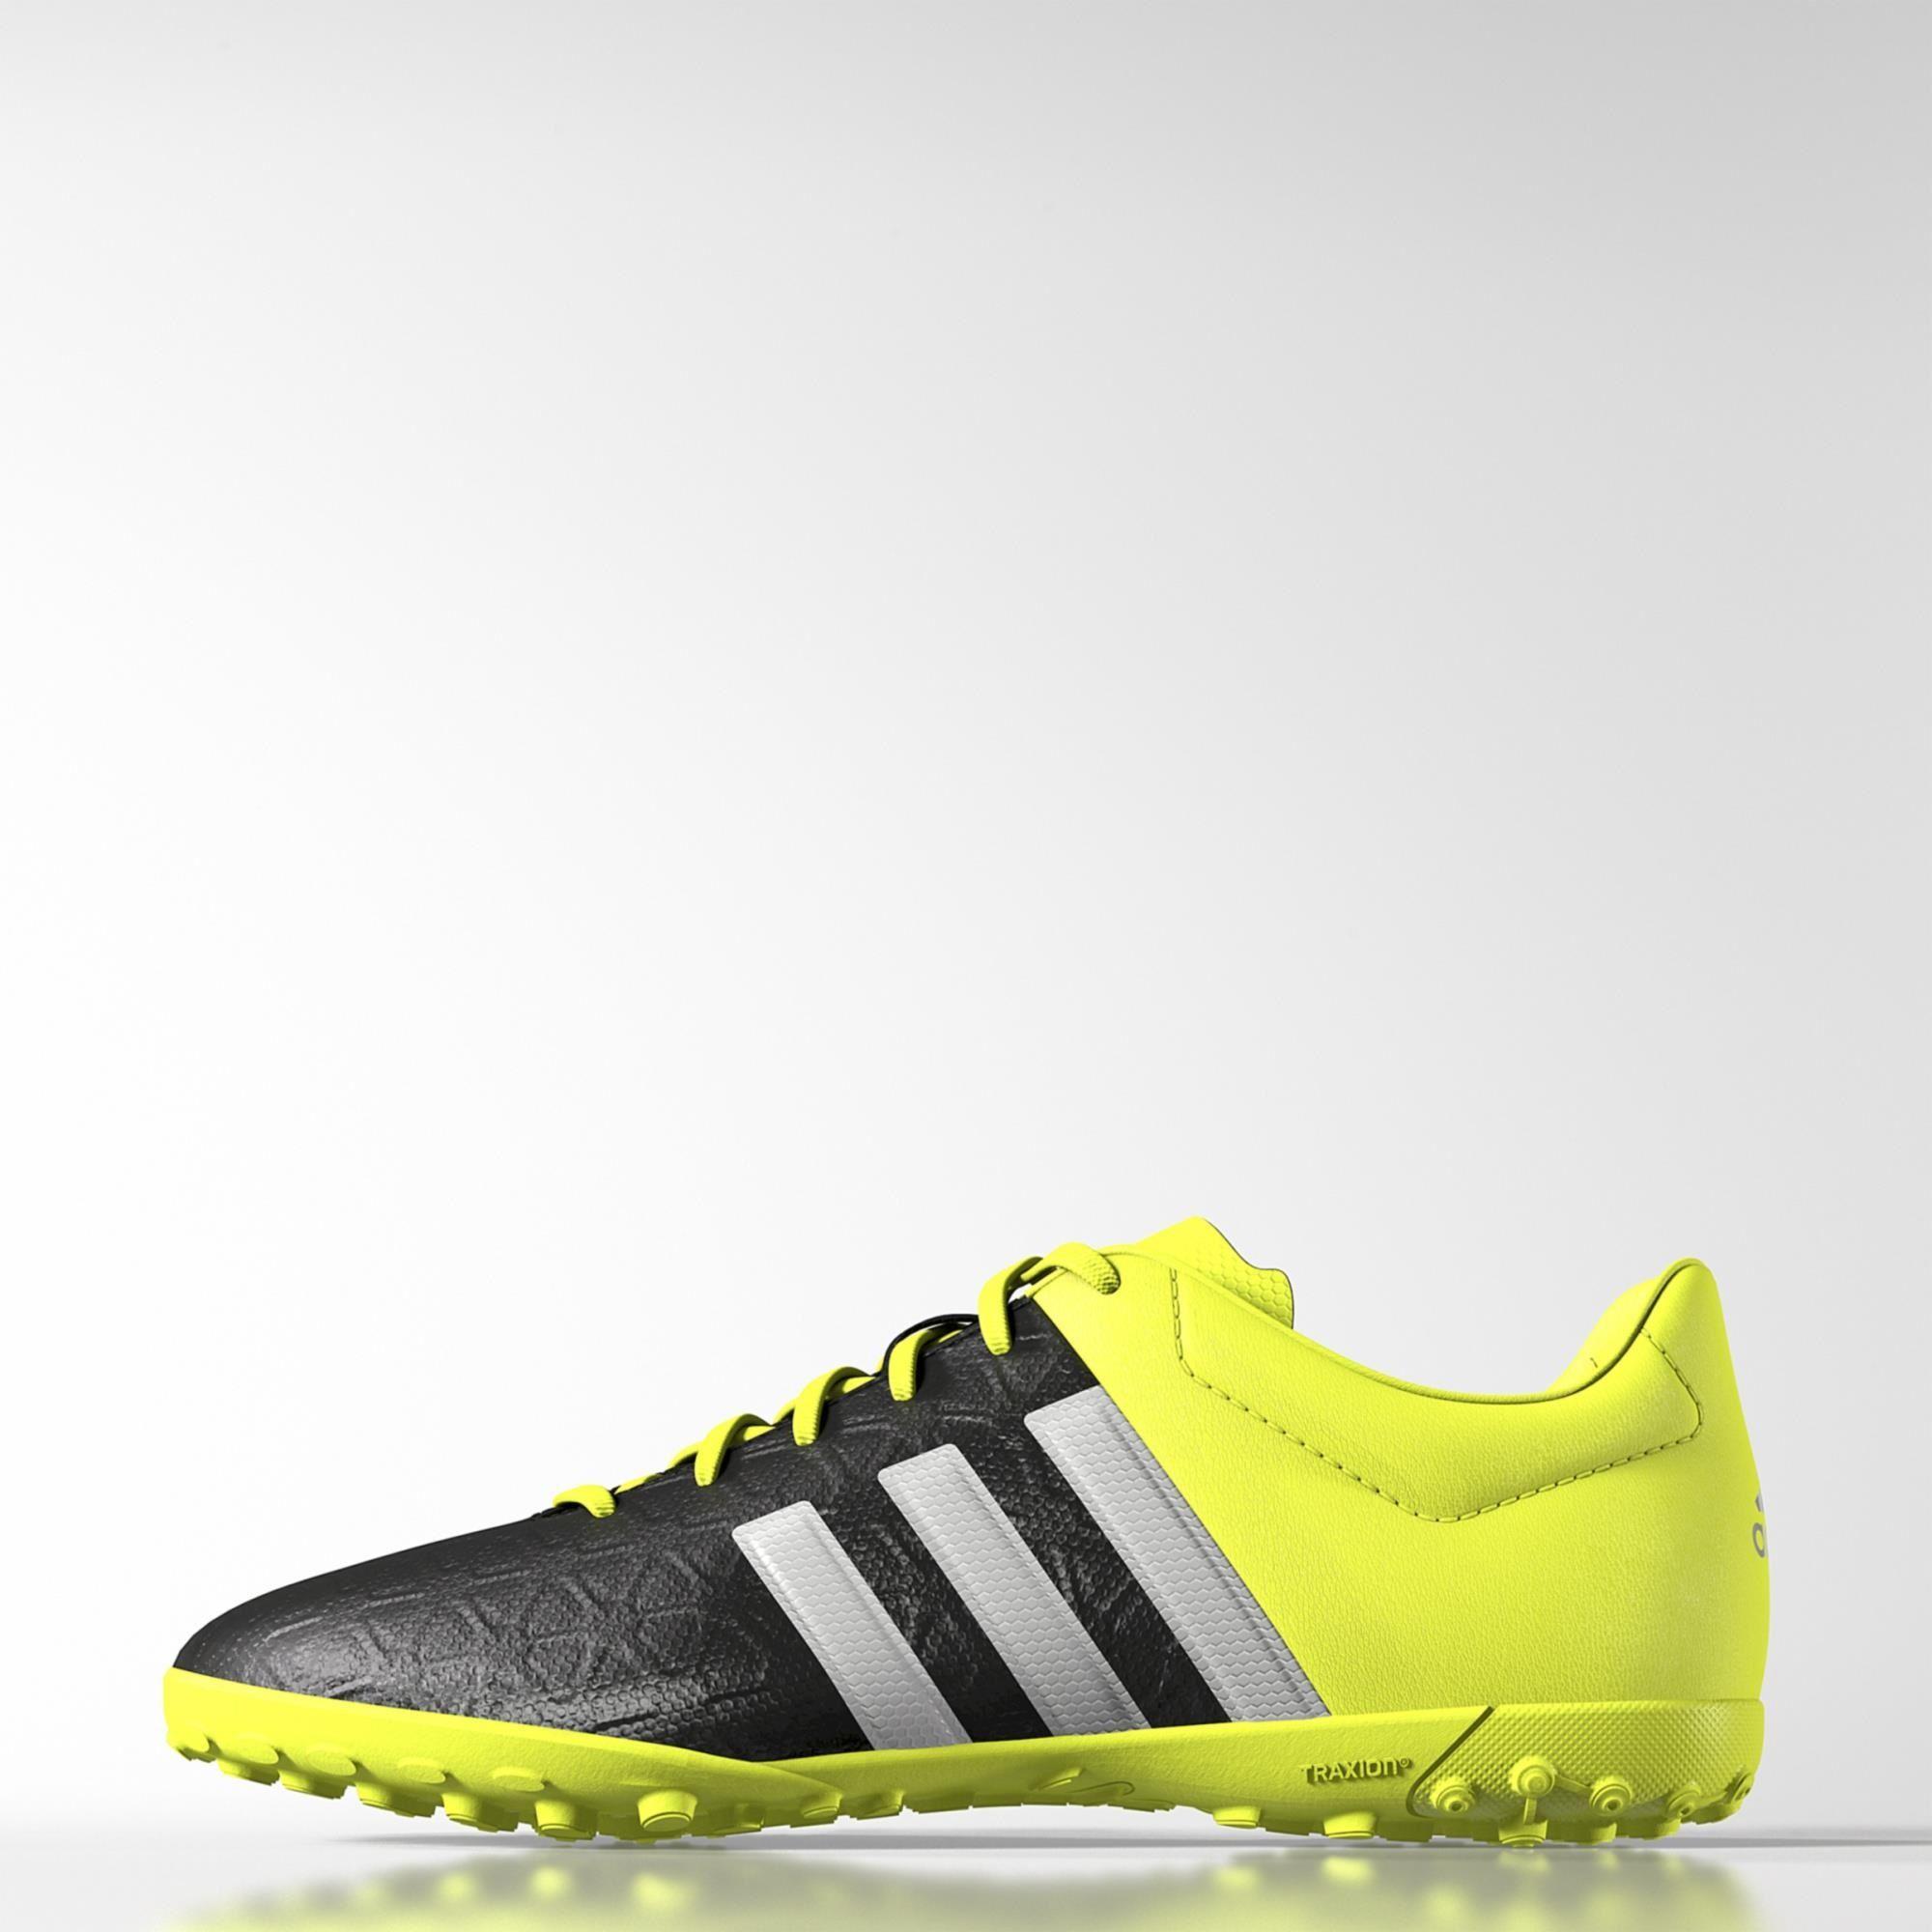 Marty Fielding cohete otoño  zapatillas futbol 5 adidas - Tienda Online de Zapatos, Ropa y Complementos  de marca